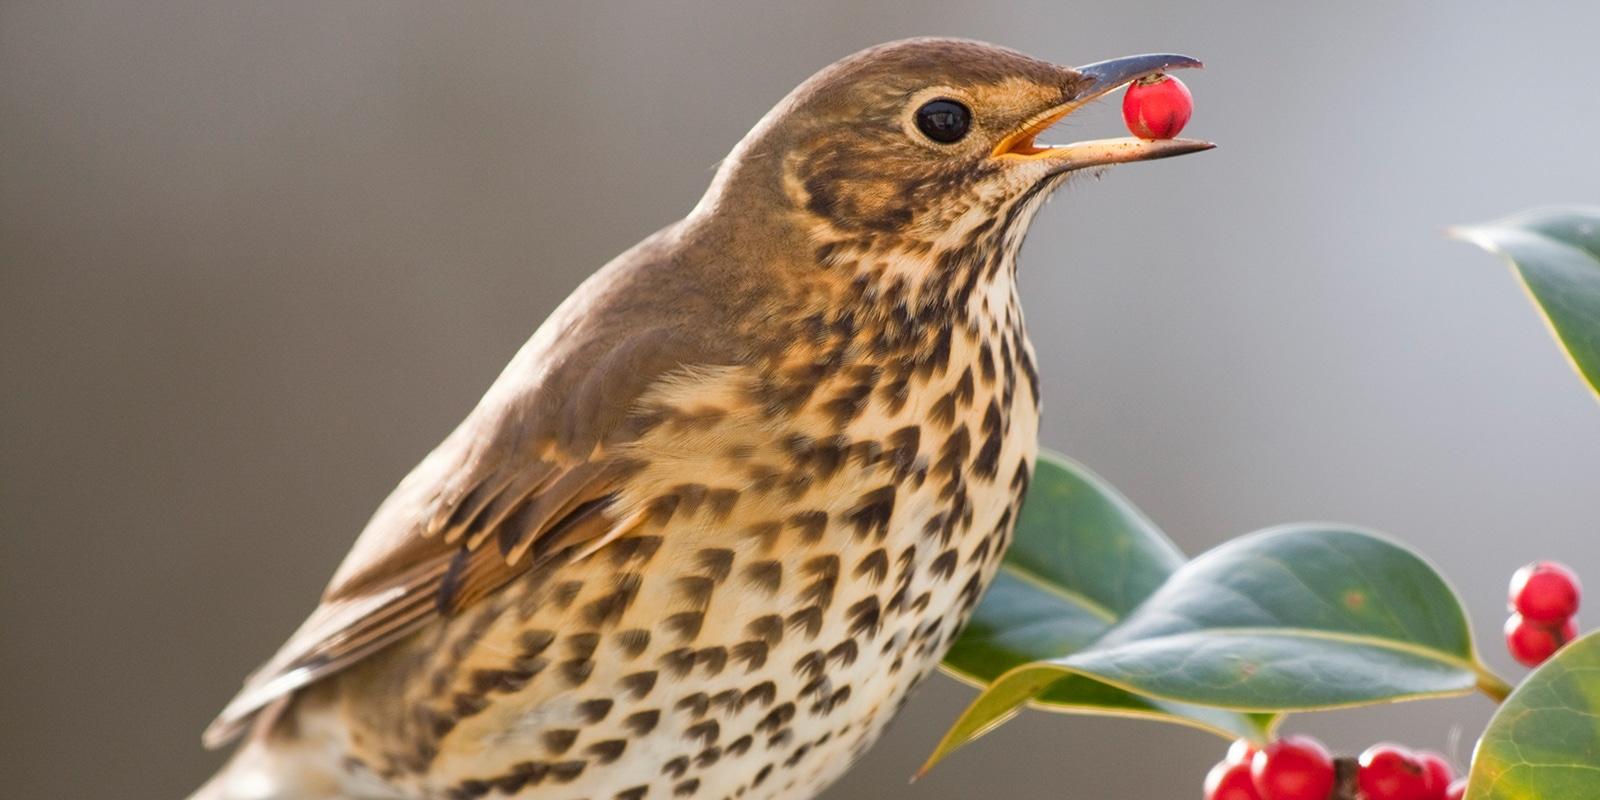 Zugvögel pflanzen keine Wälder [video]